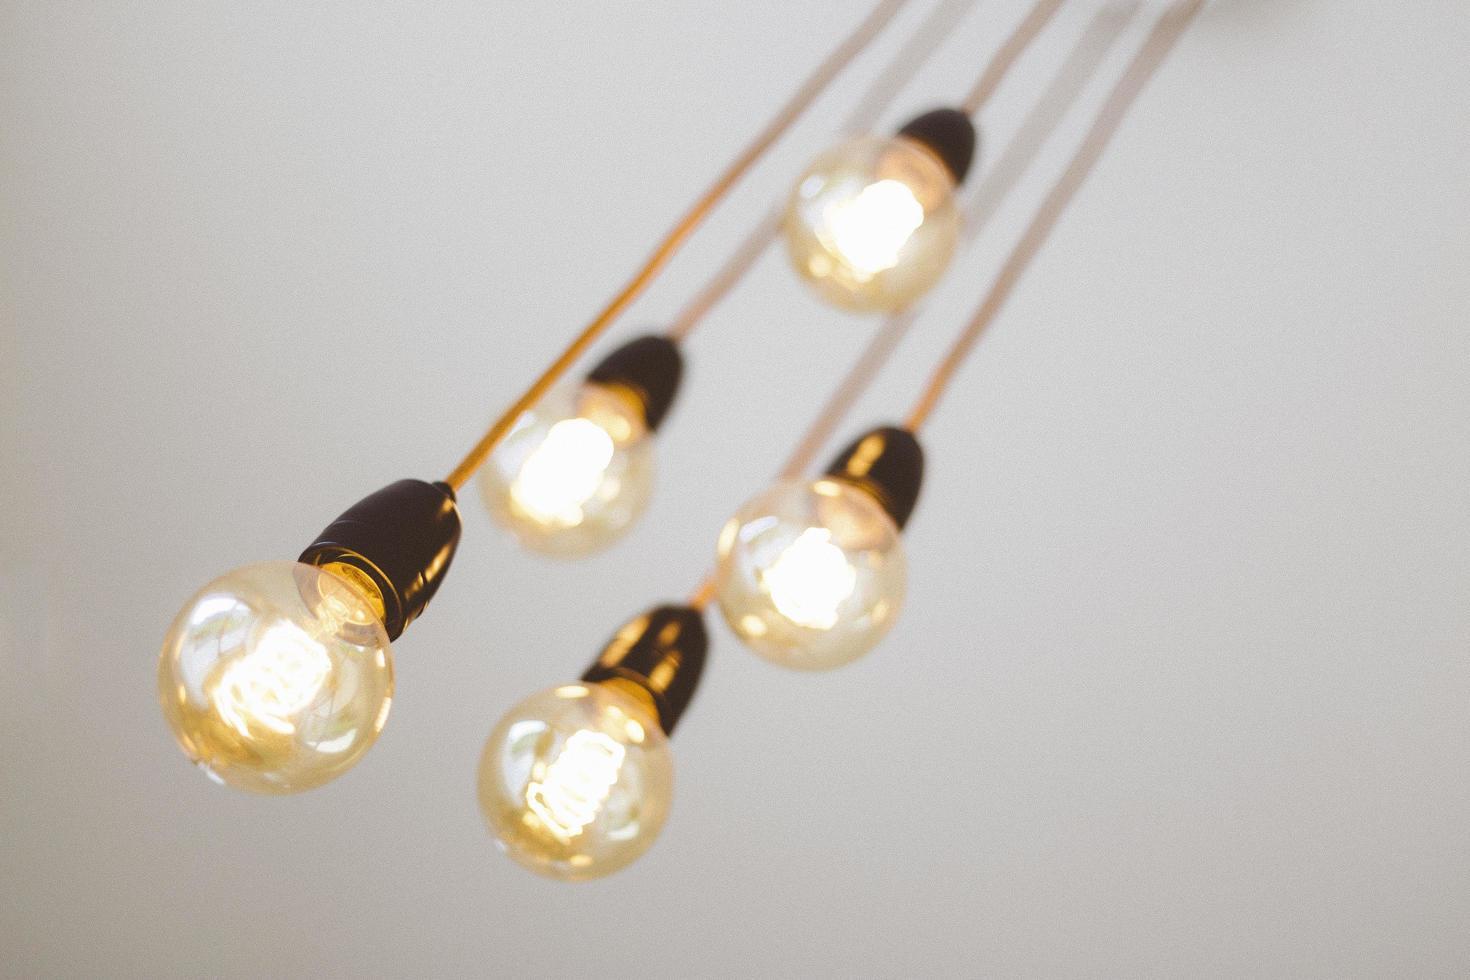 dettaglio delle lampadine foto